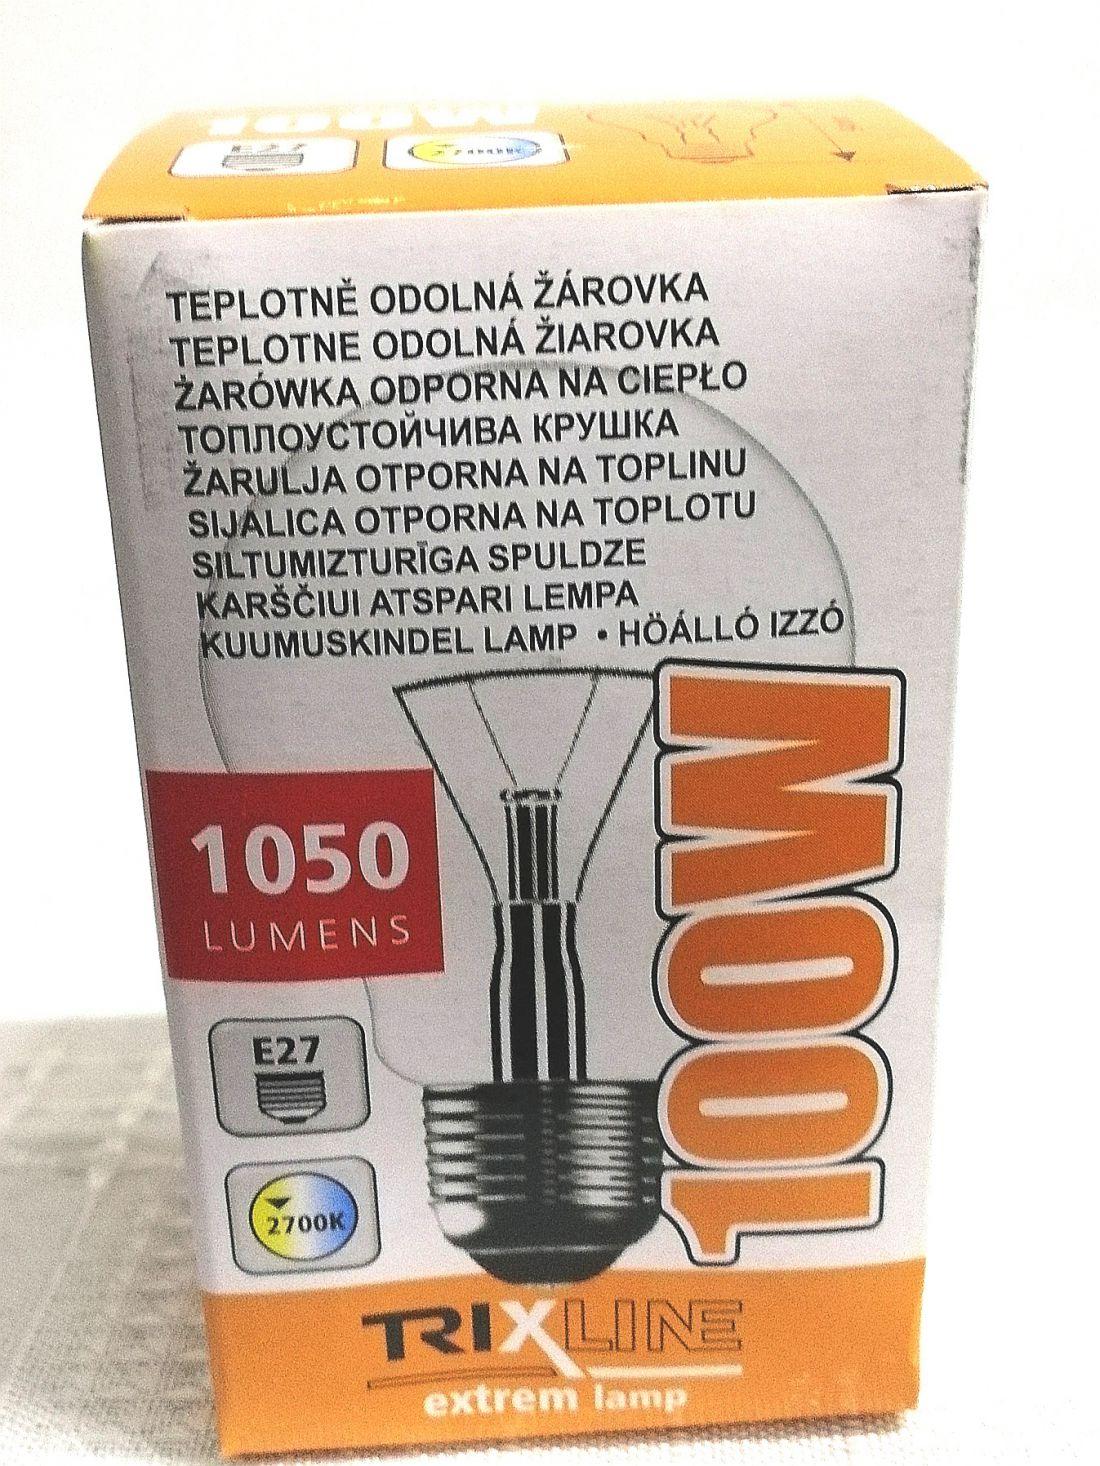 Hőálló izzó hagyományos 100W E27